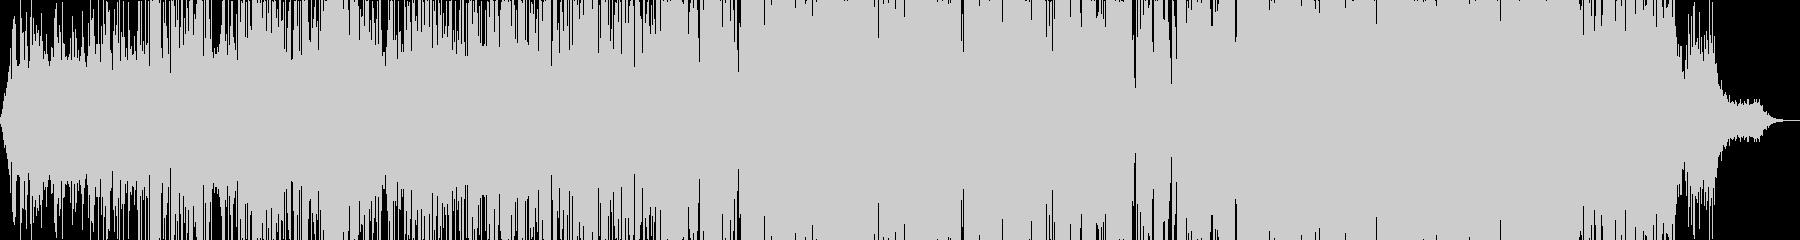 動画 サスペンス 技術的な ハイテ...の未再生の波形